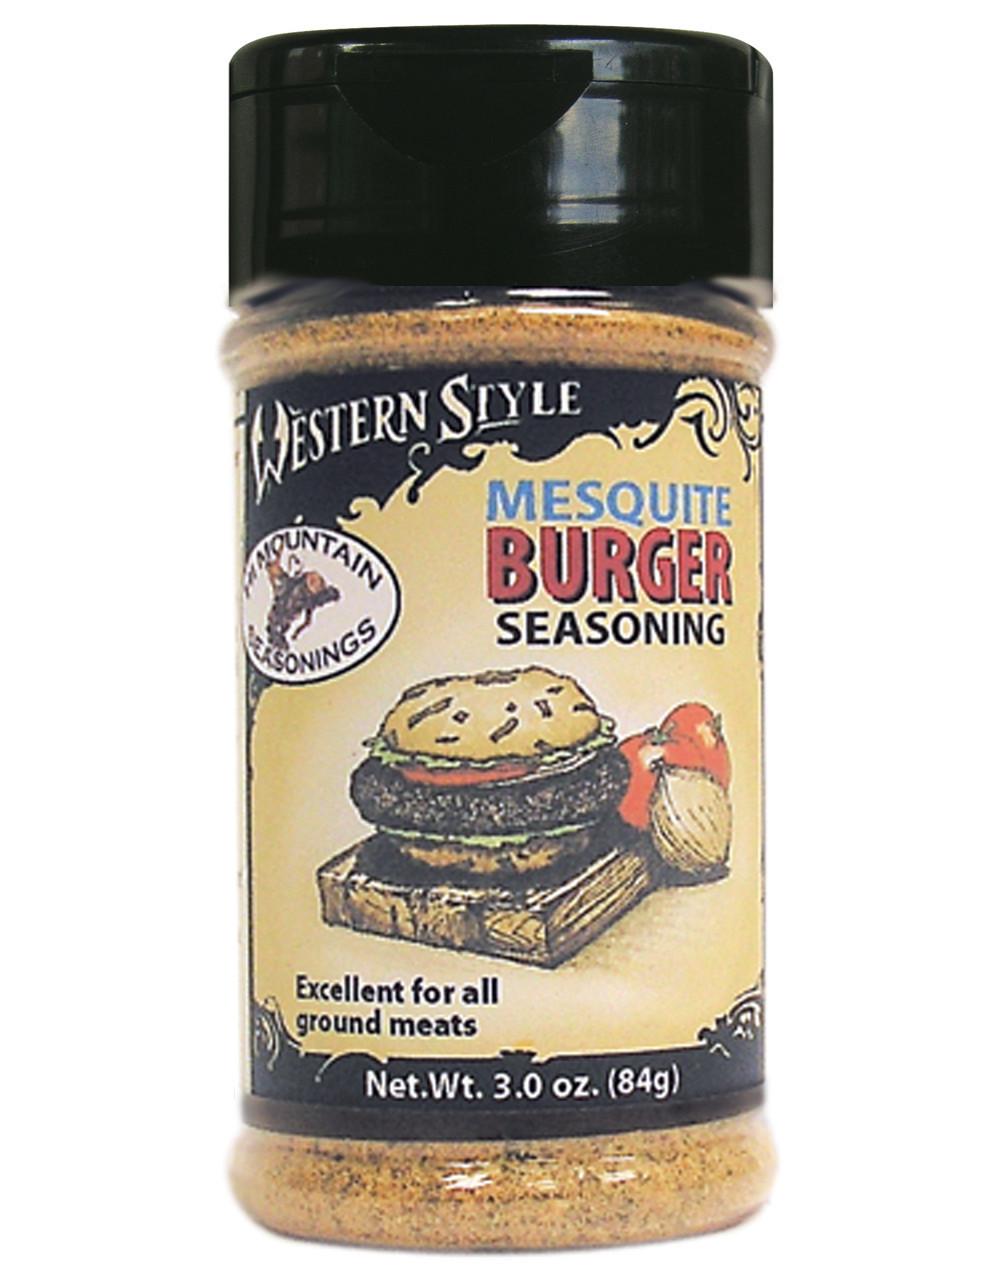 Mesquite Burger Western Style Seasoning